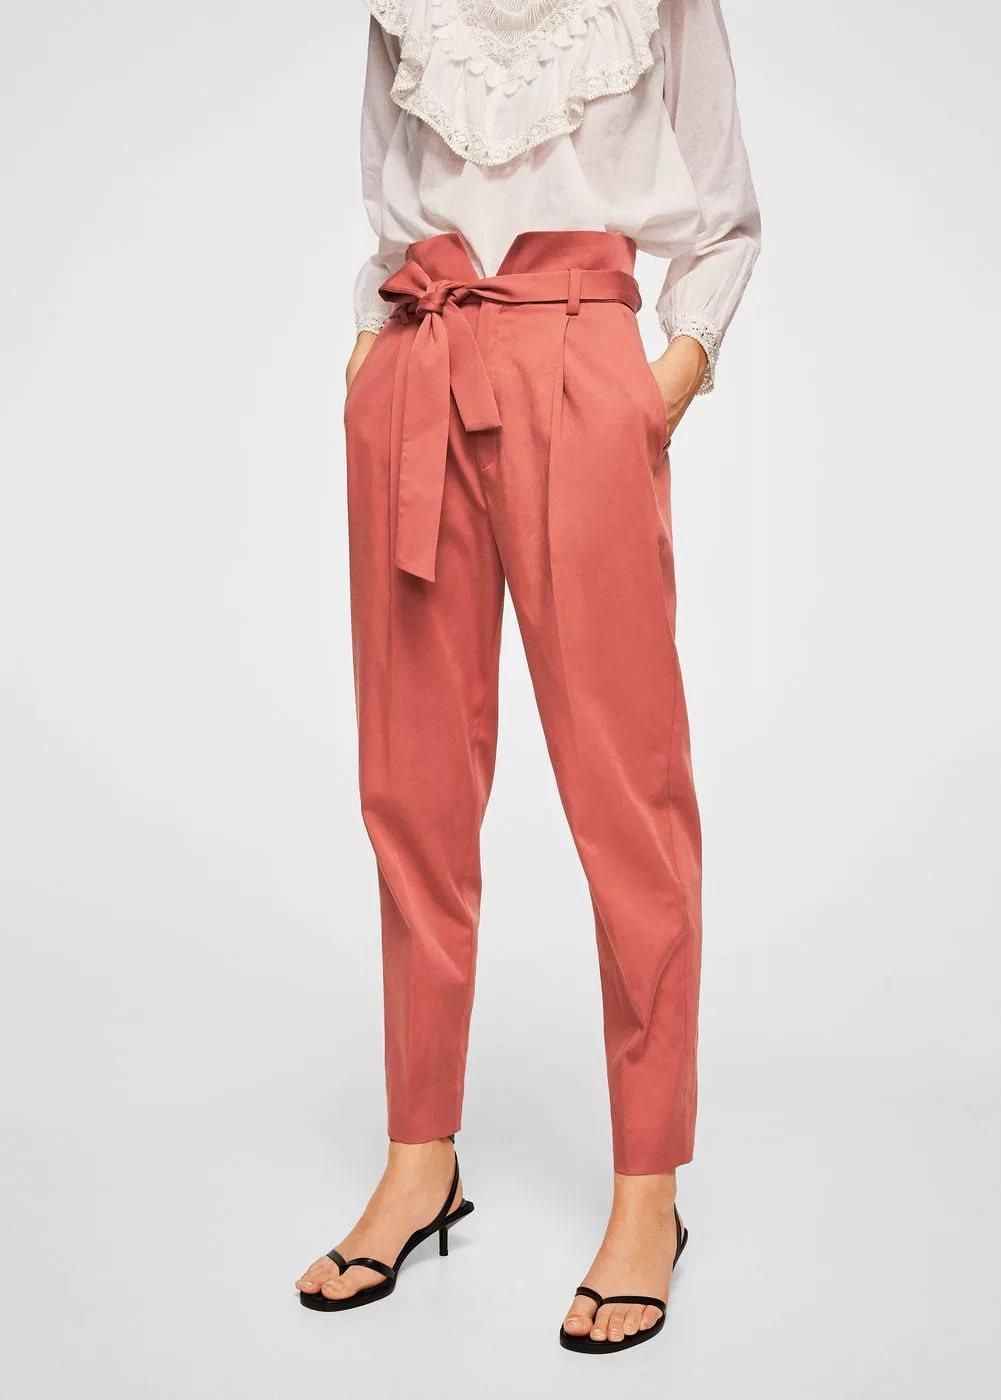 Почему брюки папербаг понравятся вам больше джинсов